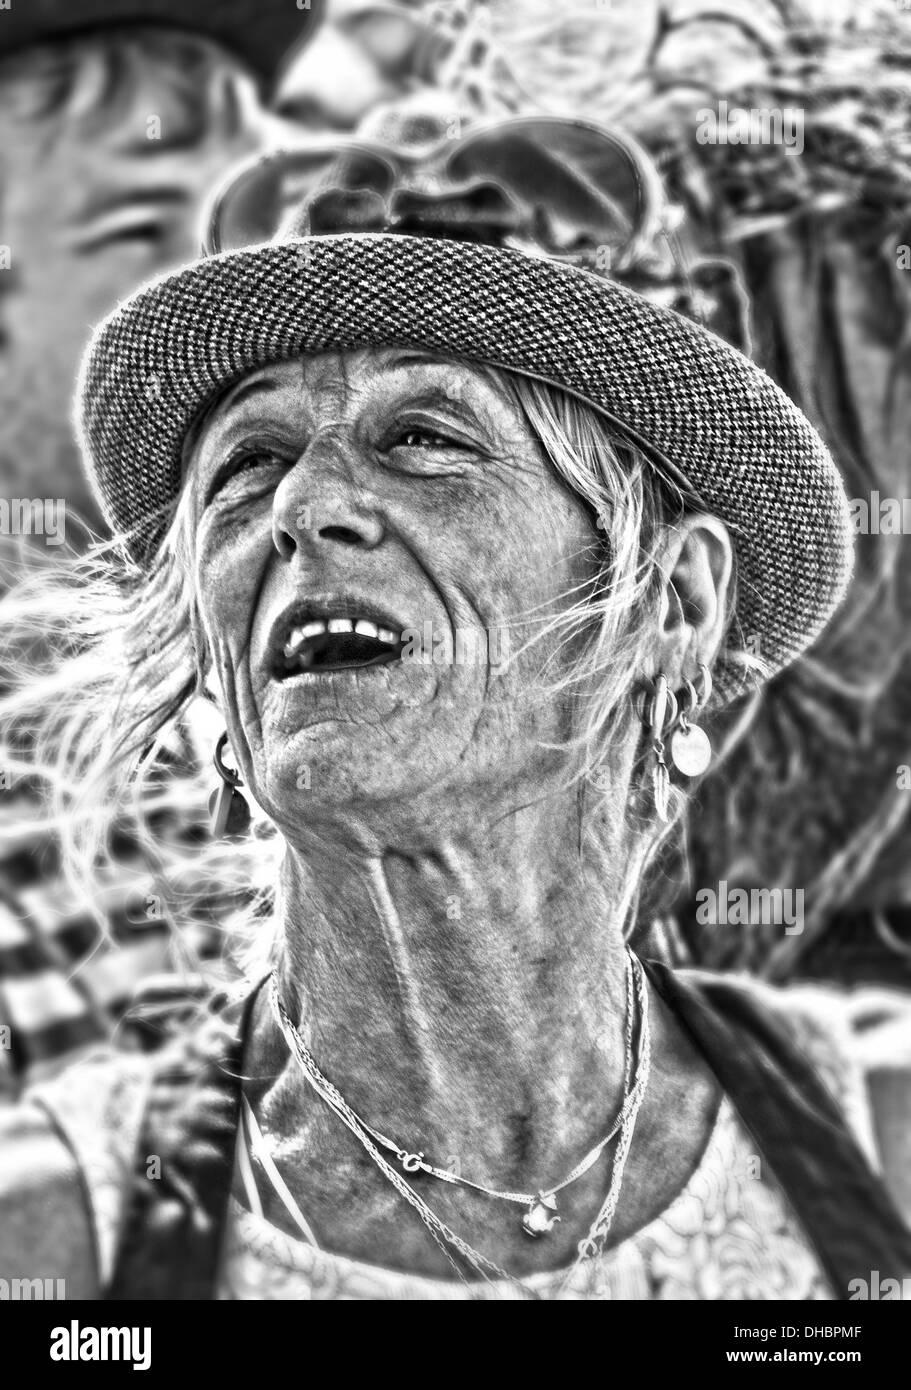 Ein schwarz-weiß-Reportage Stil Porträt von einem weißen europäischen weiblich Alter 40-50 an einem Felsen, Musikfestival Stockbild